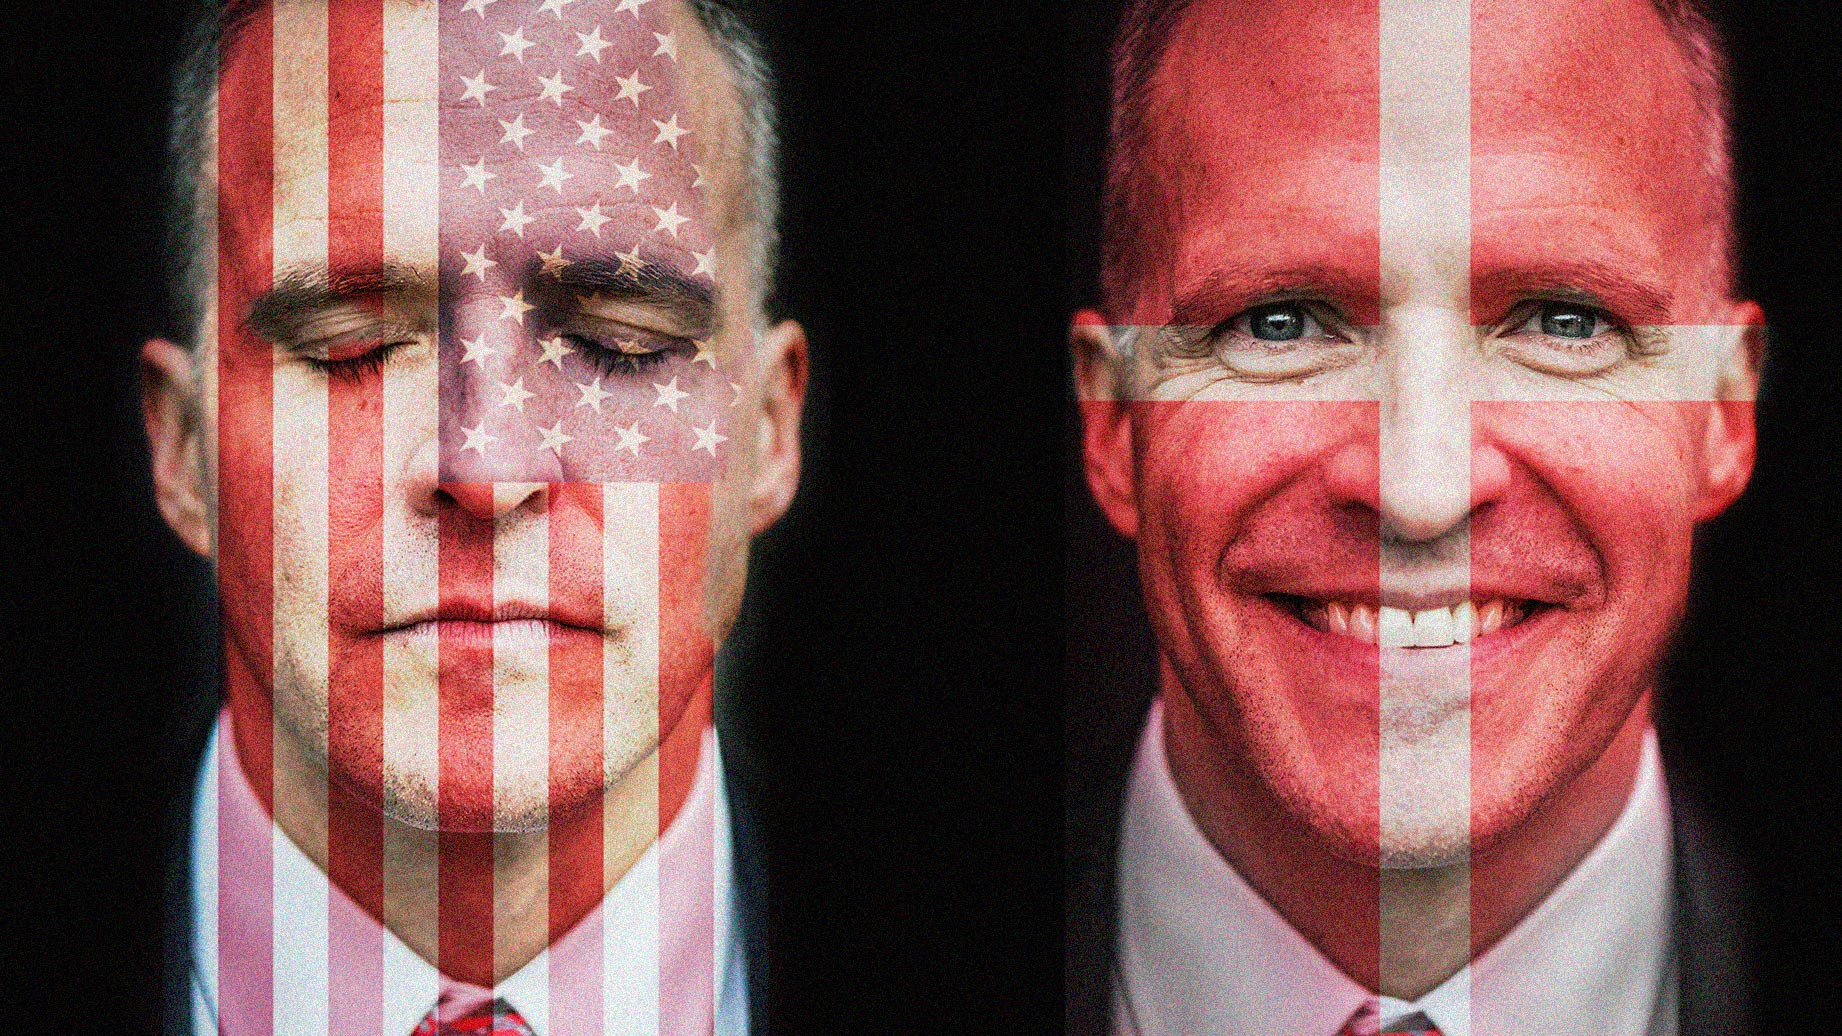 Midtvejsvalg: Rufus Gifford vil indføre danske værdier i  Kongressen)